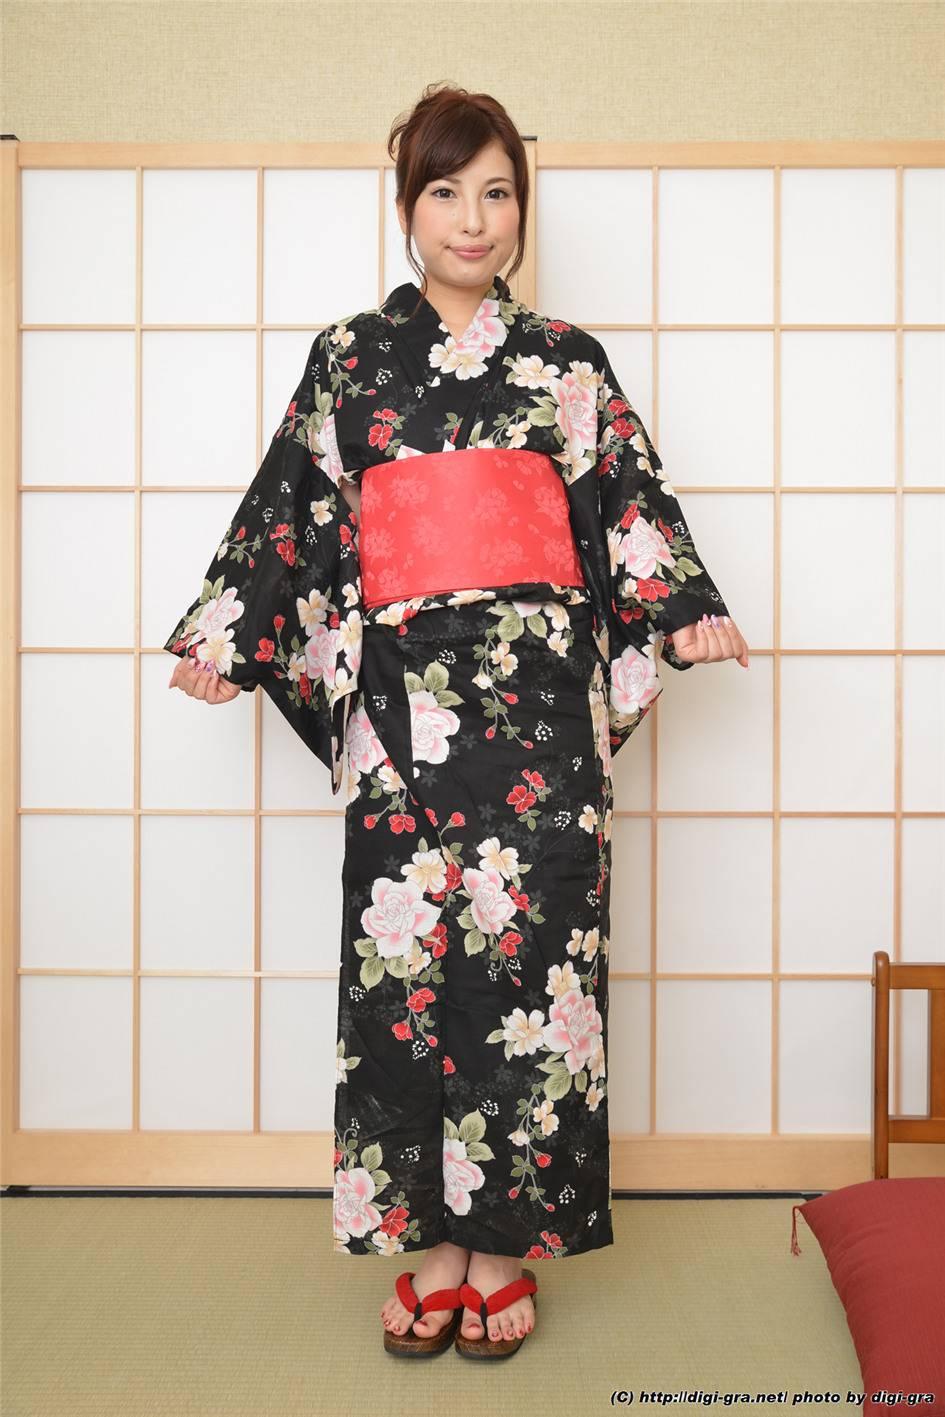 日本女优早川瑞希和服写真(44张)